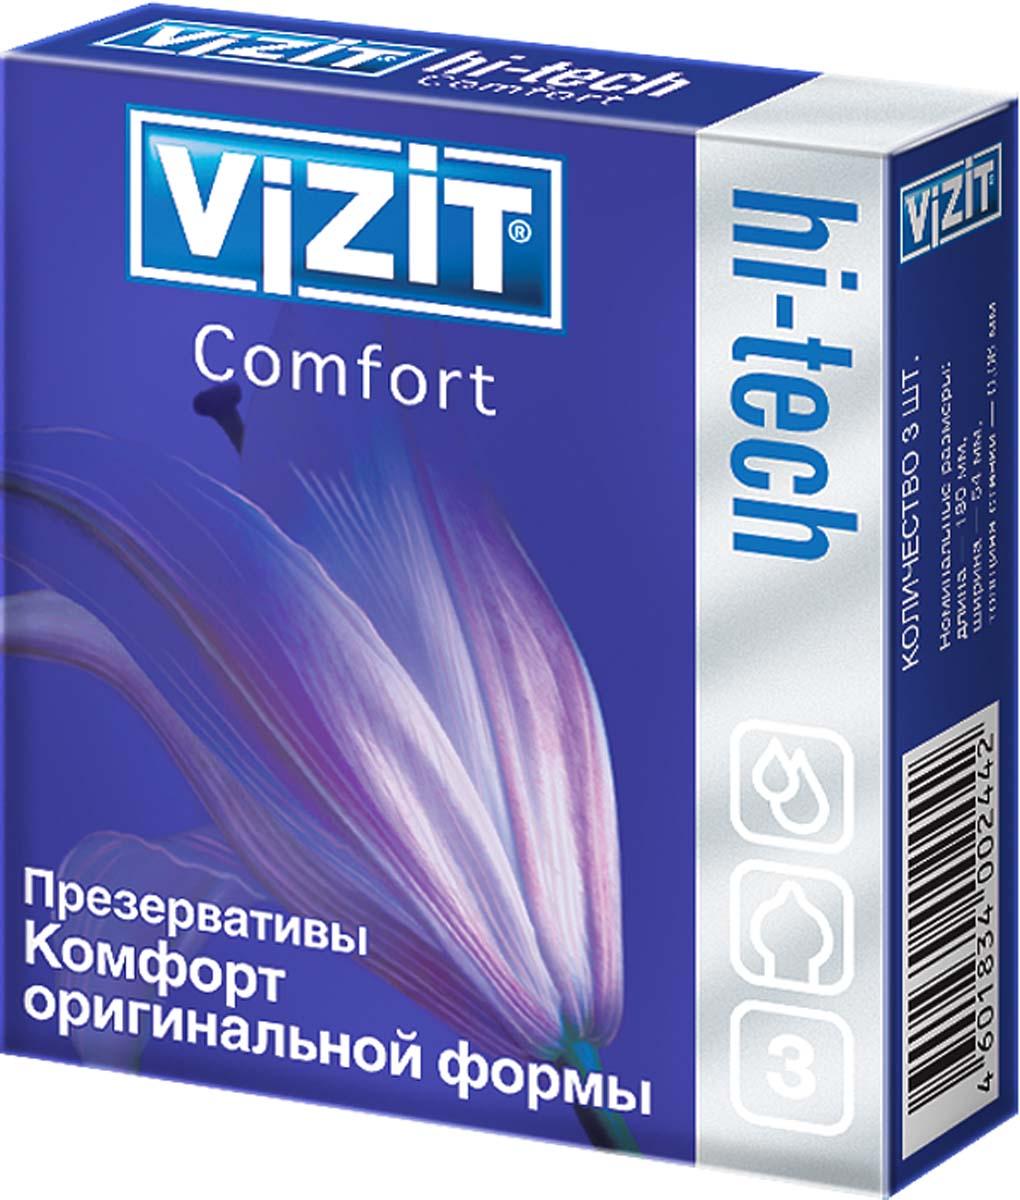 VIZIT Презервативы HI-TECH Comfort, оригинальной формы, 3 шт siyi мужчин и женщины с вагинальной смазкой после анального секса апелляционного суда паллиативных смазок для мужчин 120мли